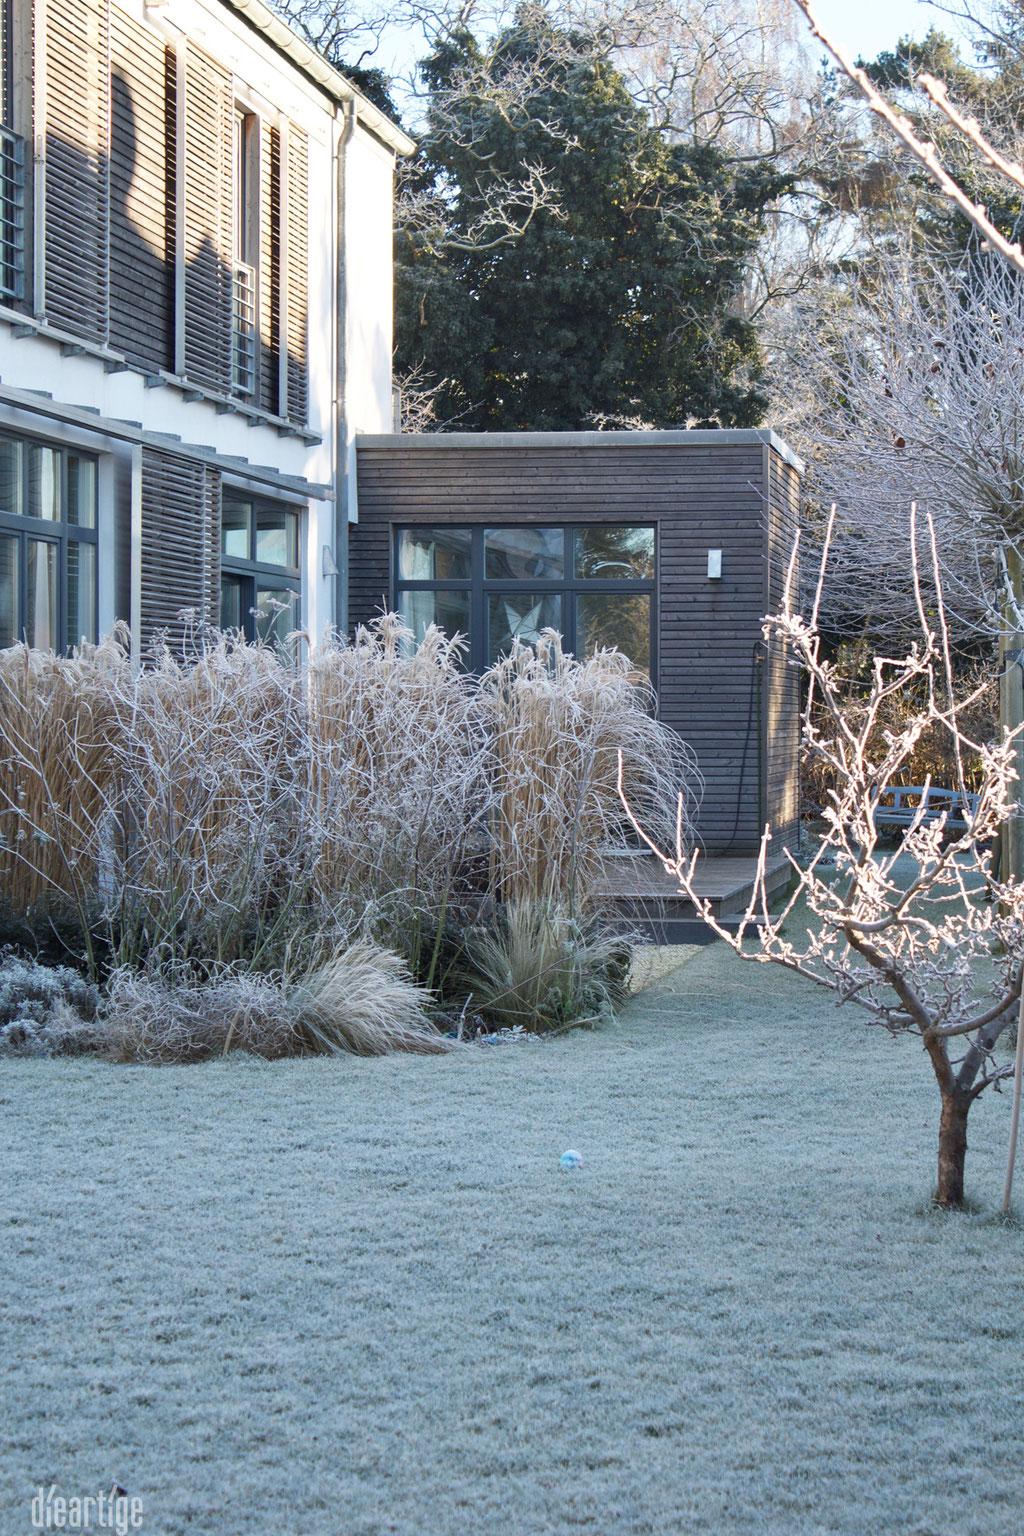 dieartigeBLOG - Wintergarten, Rauhreif + Eiskristalle, Chinaschilf + Fenchel